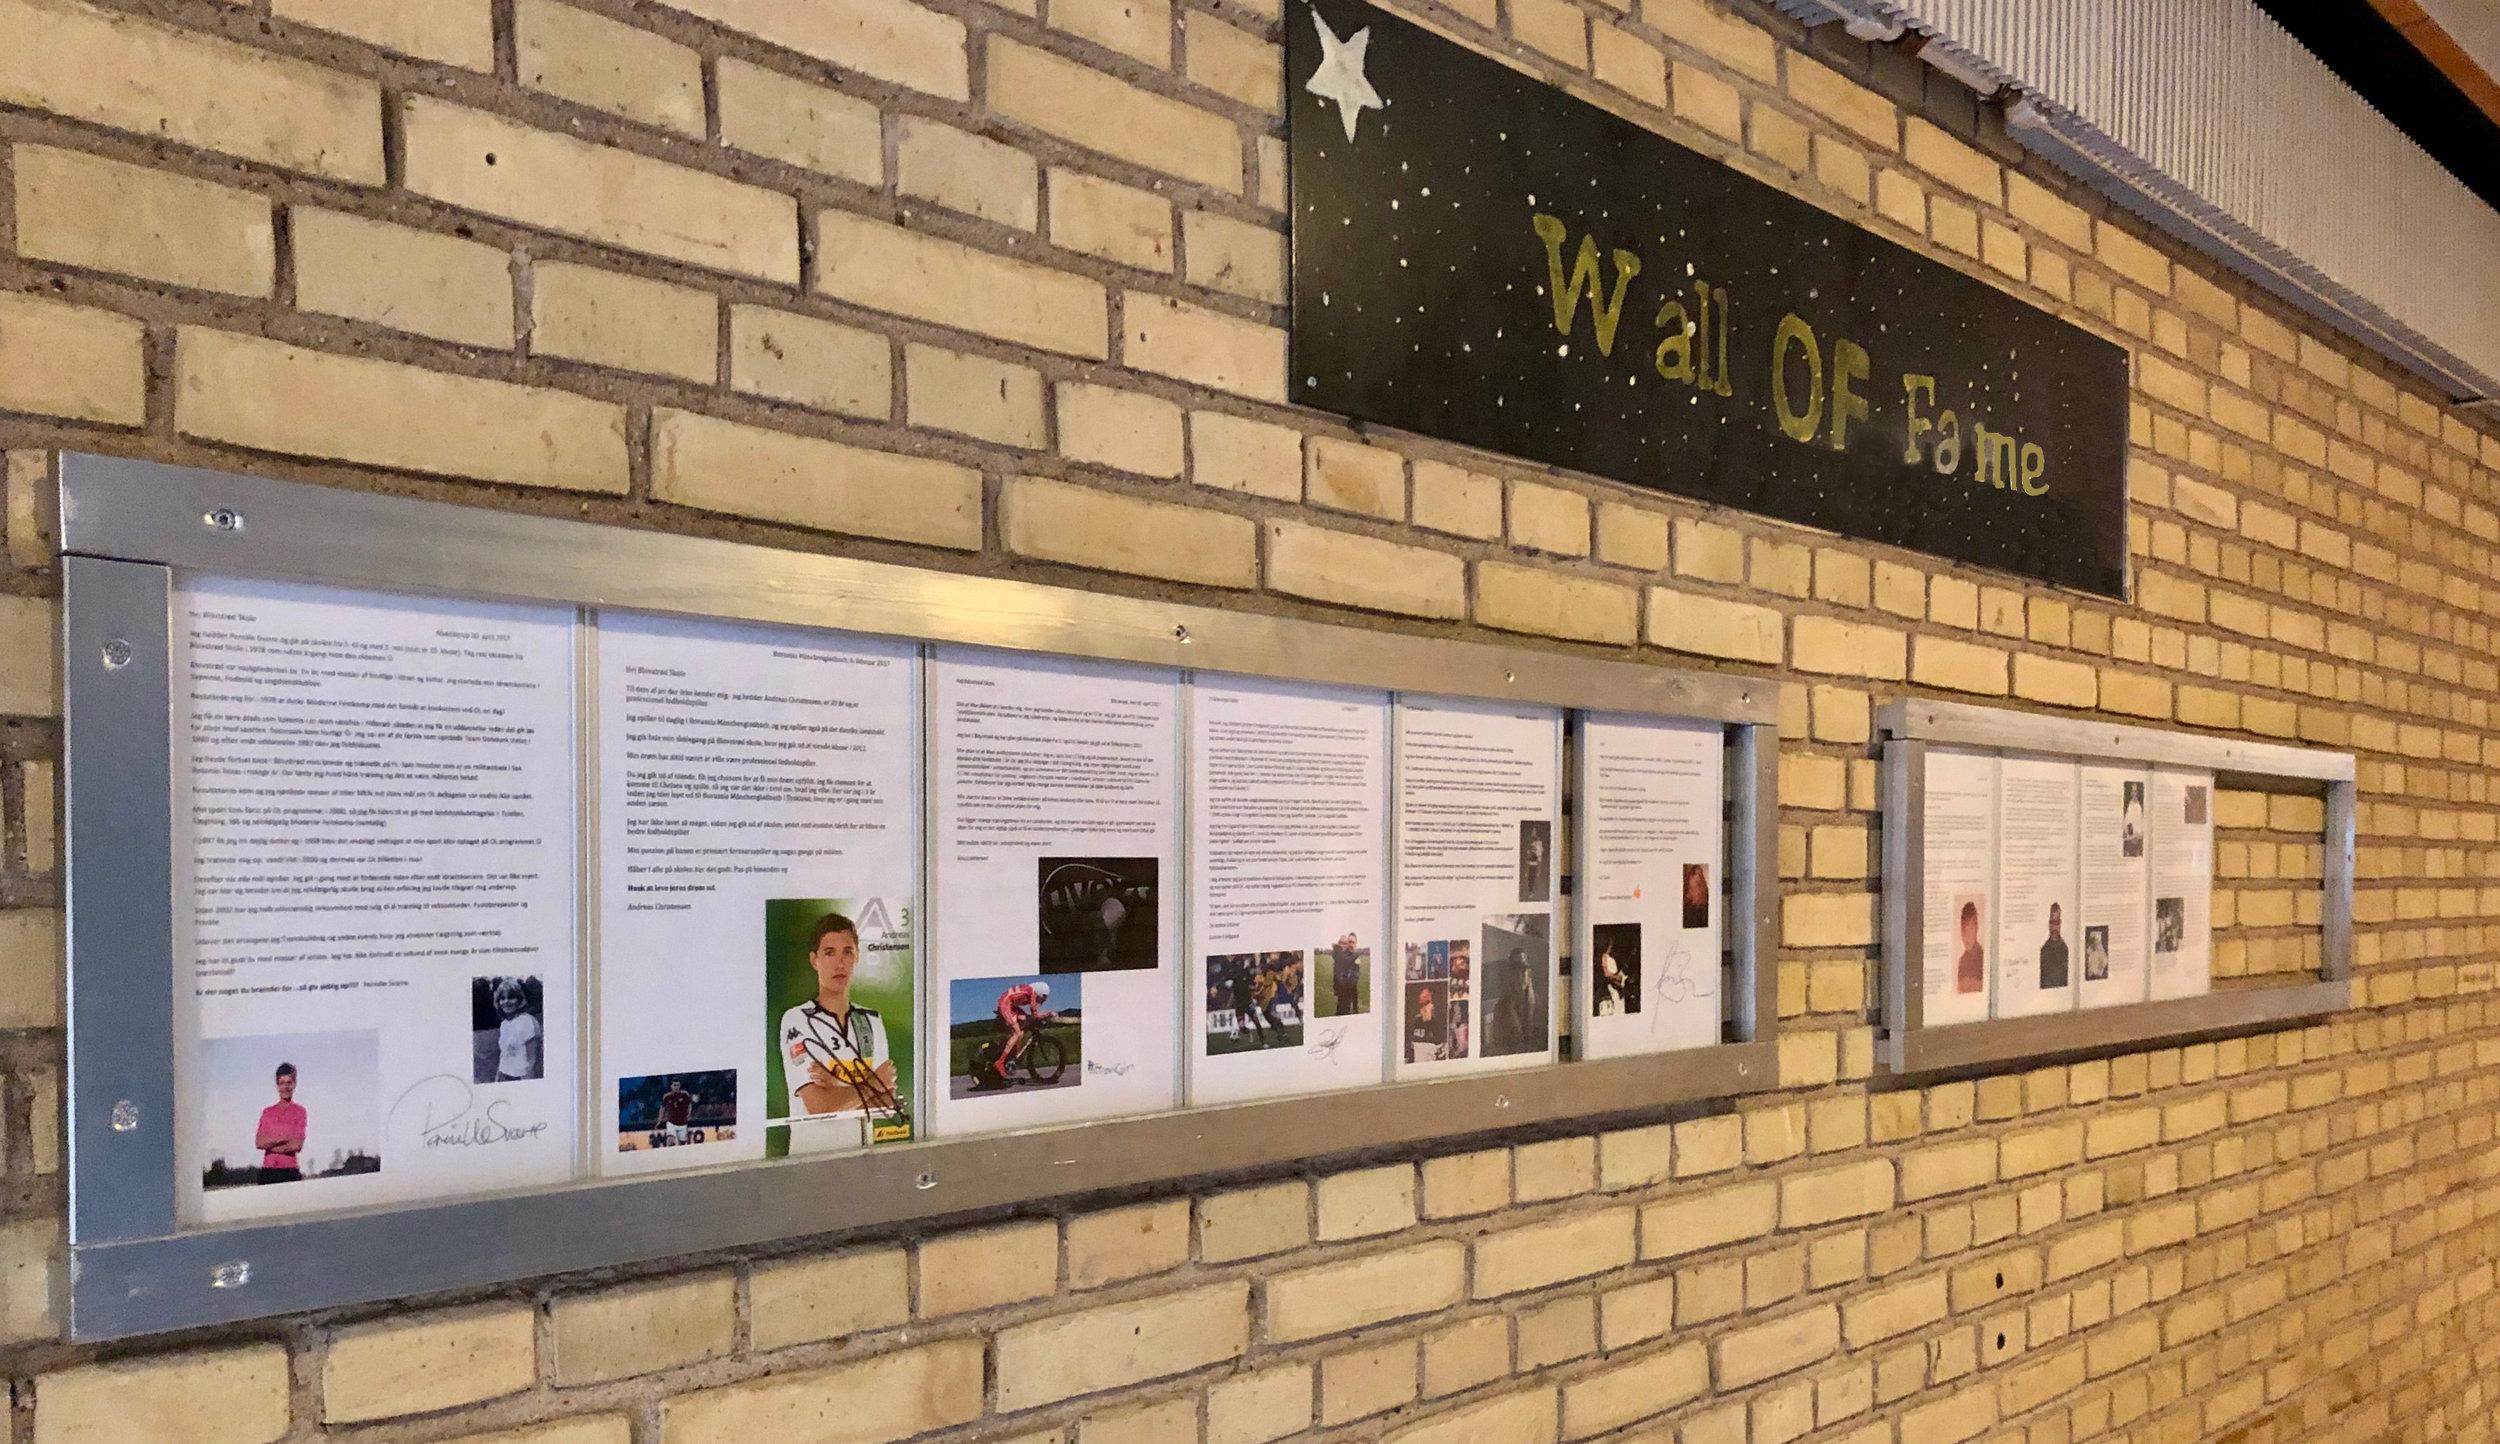 """""""Wall Of Fame"""" - væggen med berømtheder - ophængt i gangen på Blovstrød Skole. Her er foreløbig otte personer, men der mangler stadig mindst fire vigtige personer - de vil løbende blive markeret. Foto: AOB"""